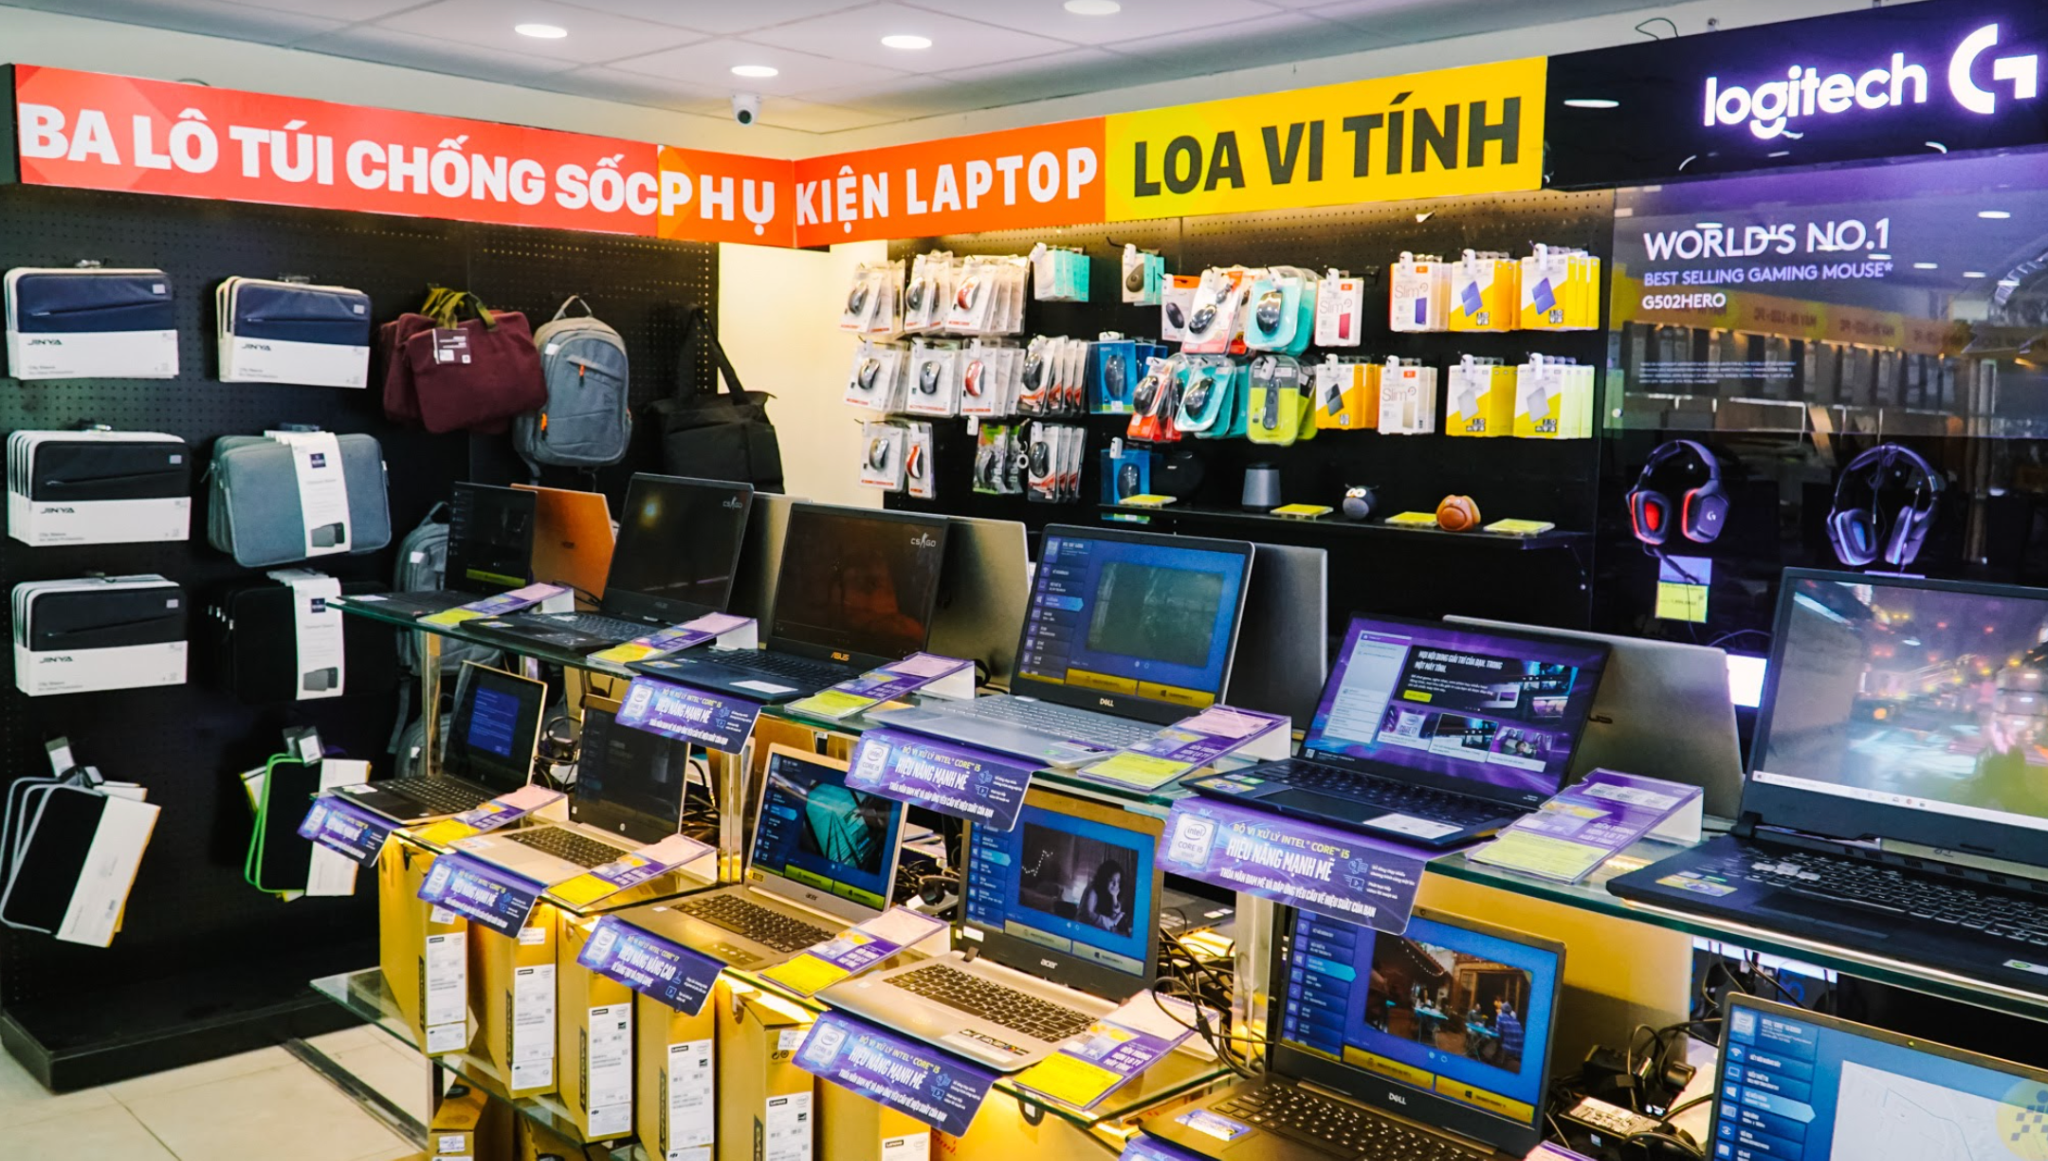 """Tiêu dùng & Dư luận - Laptop Thế Giới Di Động """"hái quả ngọt"""", kỳ vọng doanh số đạt 4.500 tỷ đồng (Hình 3)."""